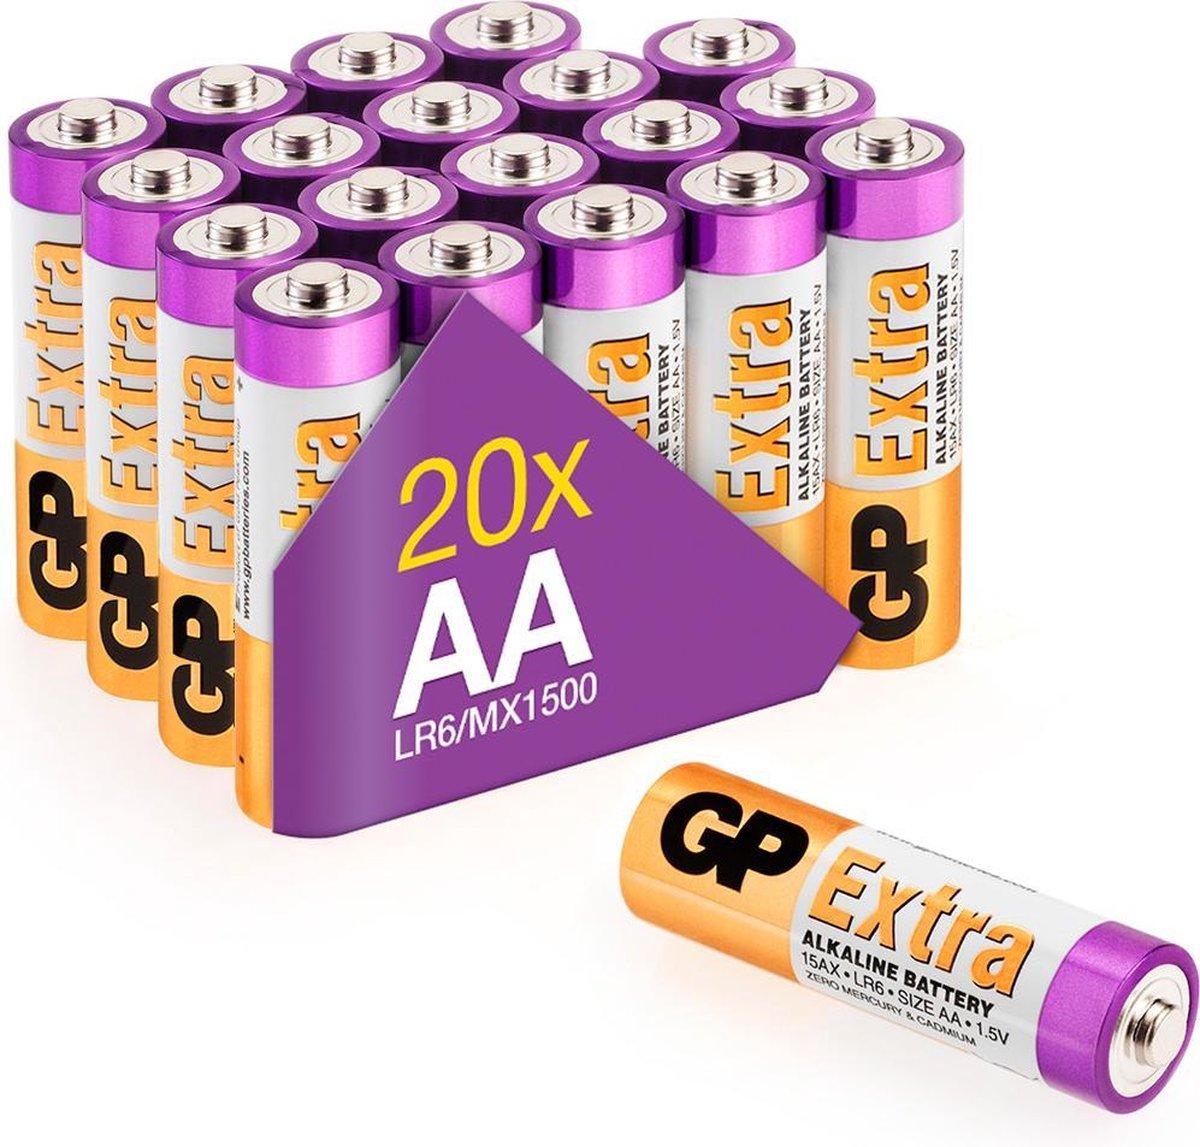 GP Extra Alkaline batterijen AA mignon penlite LR06 batterij 1.5V - 20 stuks - AA batterij